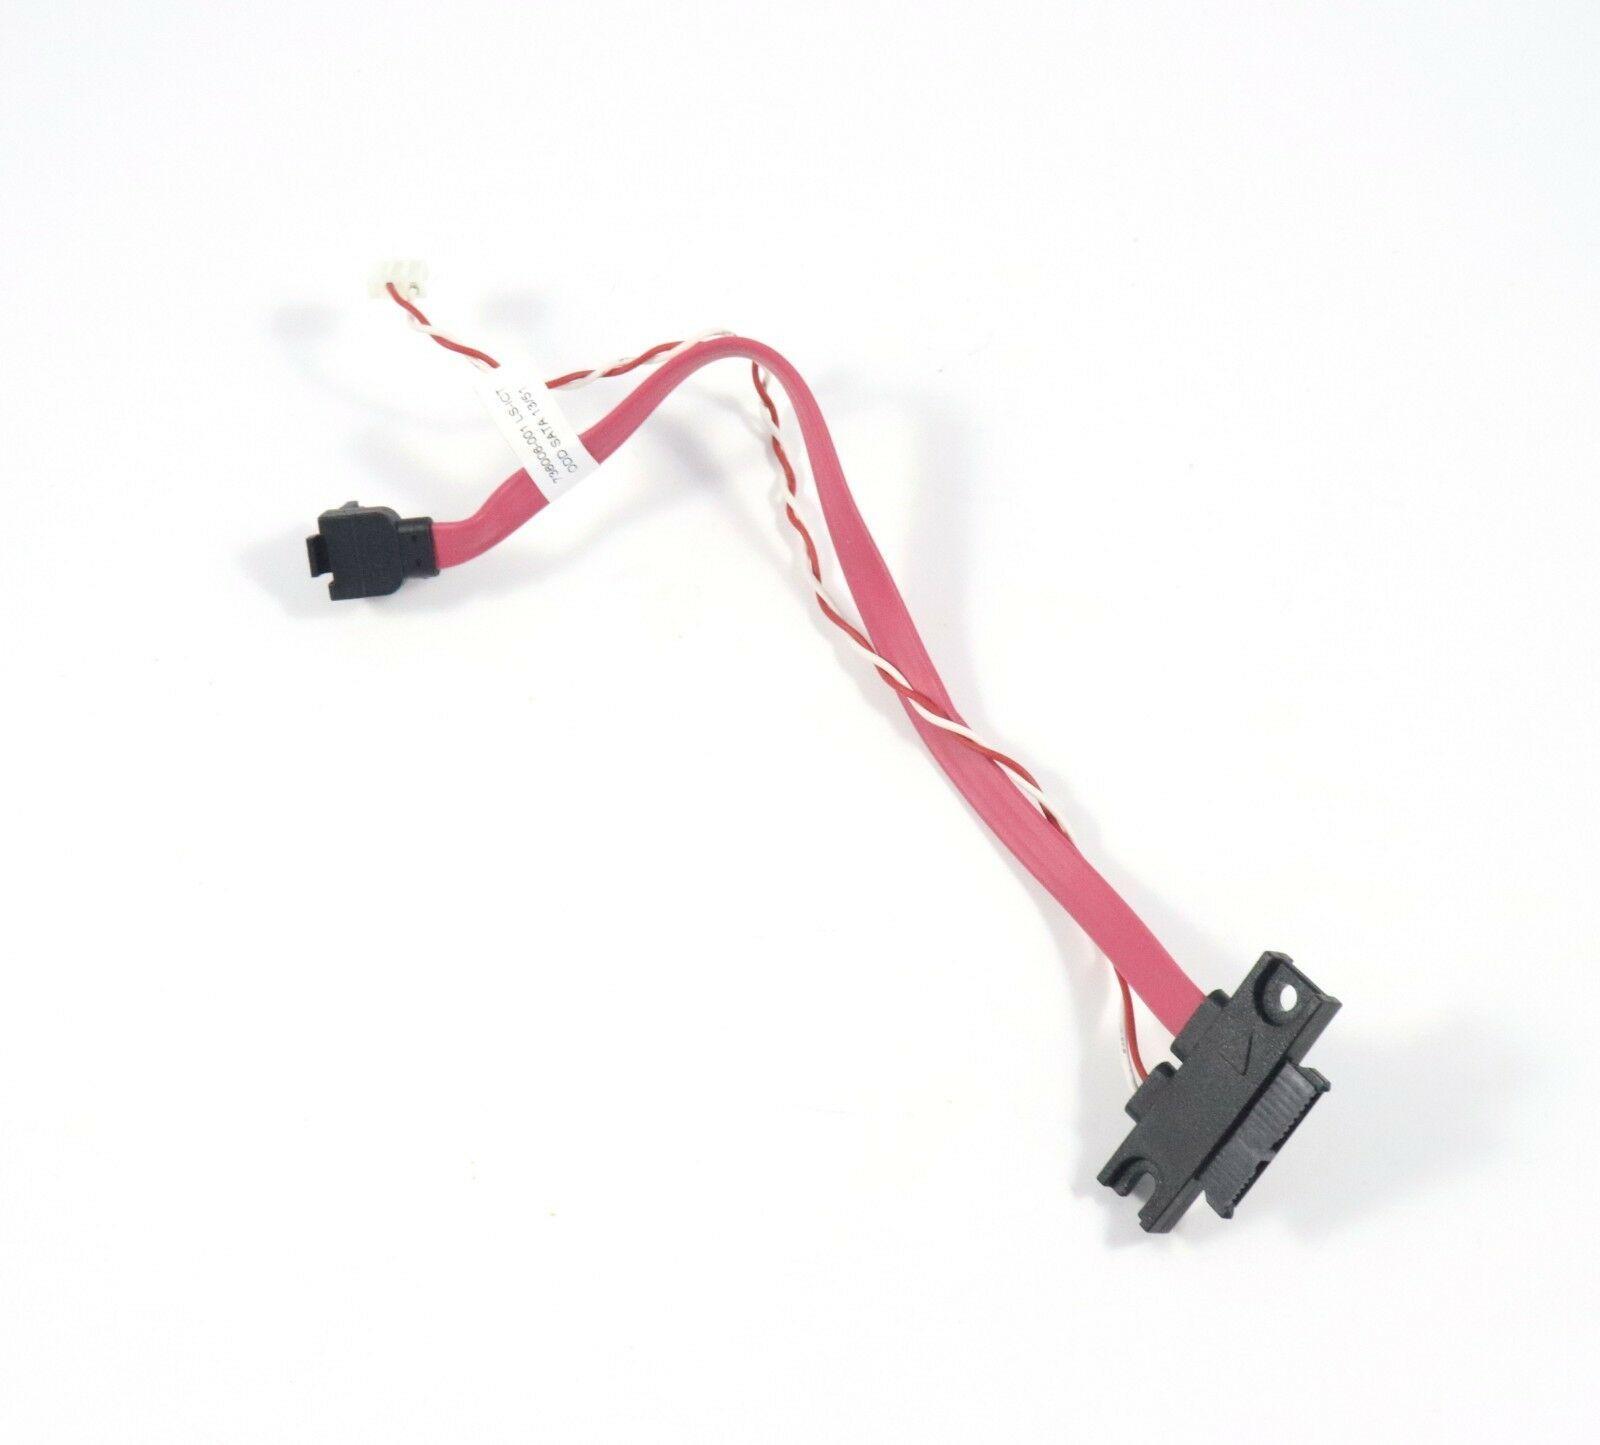 Genuine HP AIO 13/51 HDD SATA Cable P/N 736006-001 - $6.89